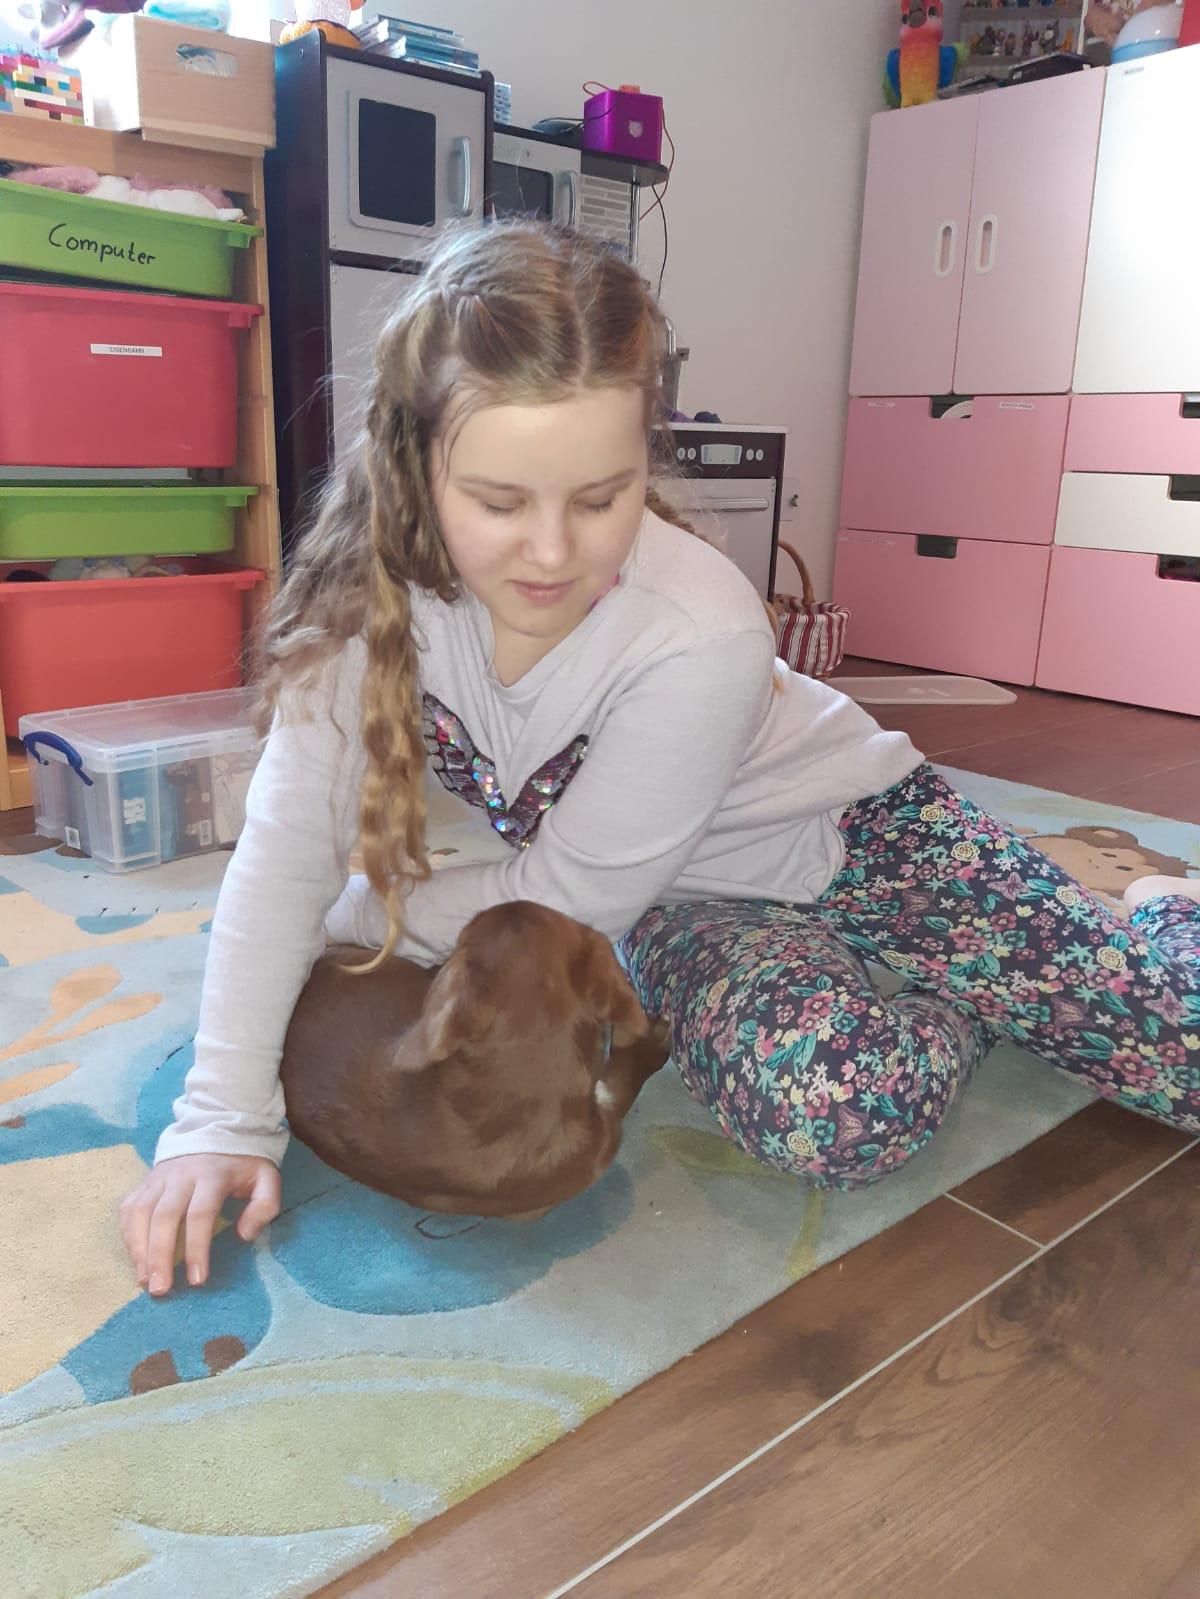 NCL-Kind-spielt-mit-Hund